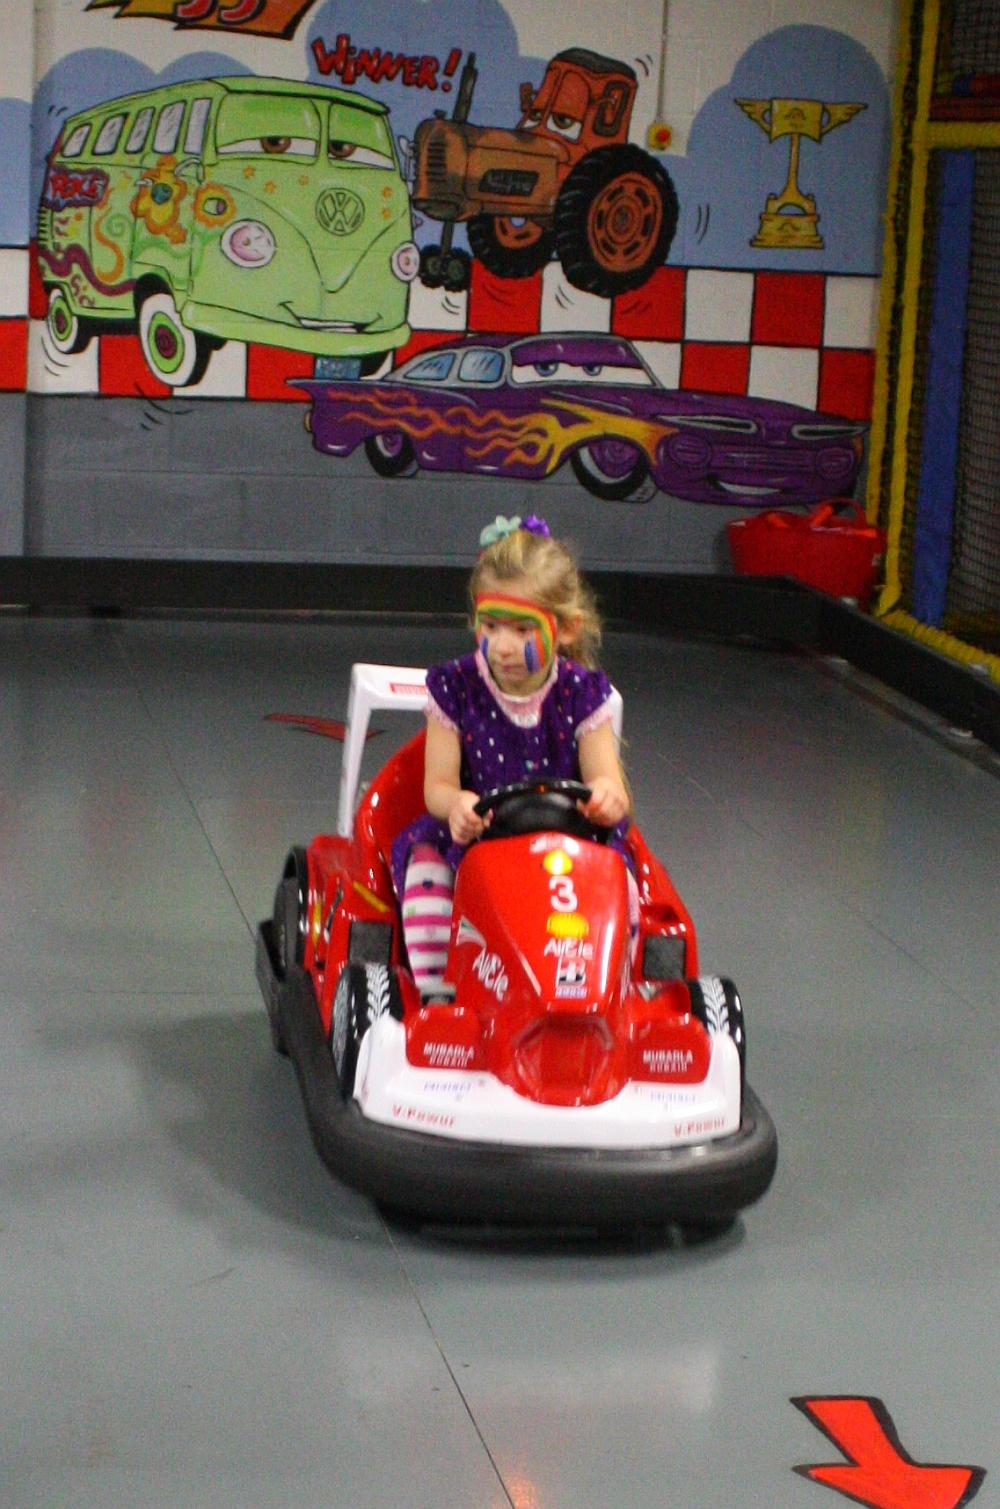 Moje 5 urodziny - Super Kierowca!